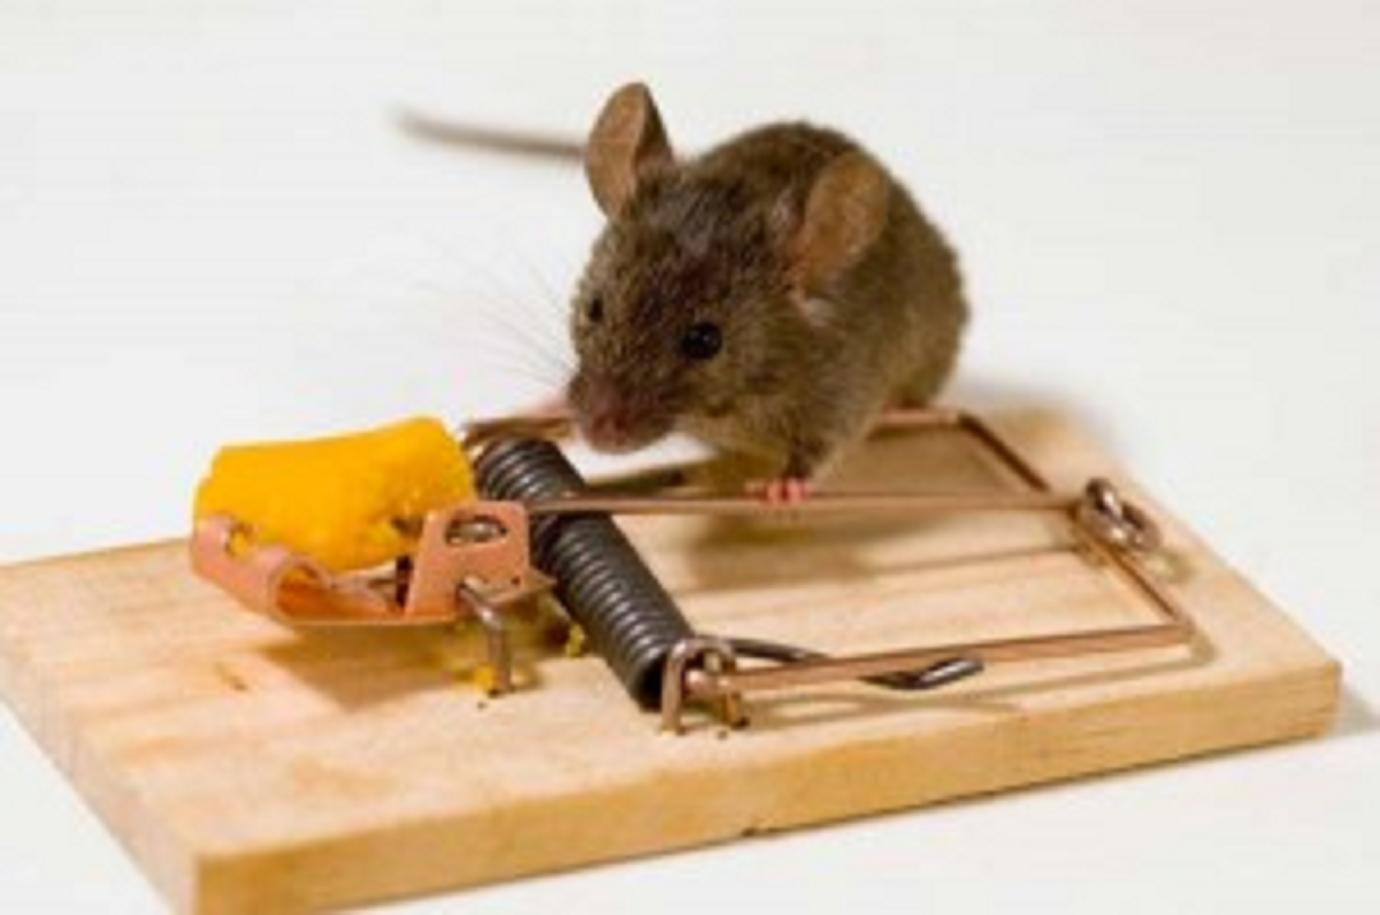 Ἡ ποντικοπαγίδα!